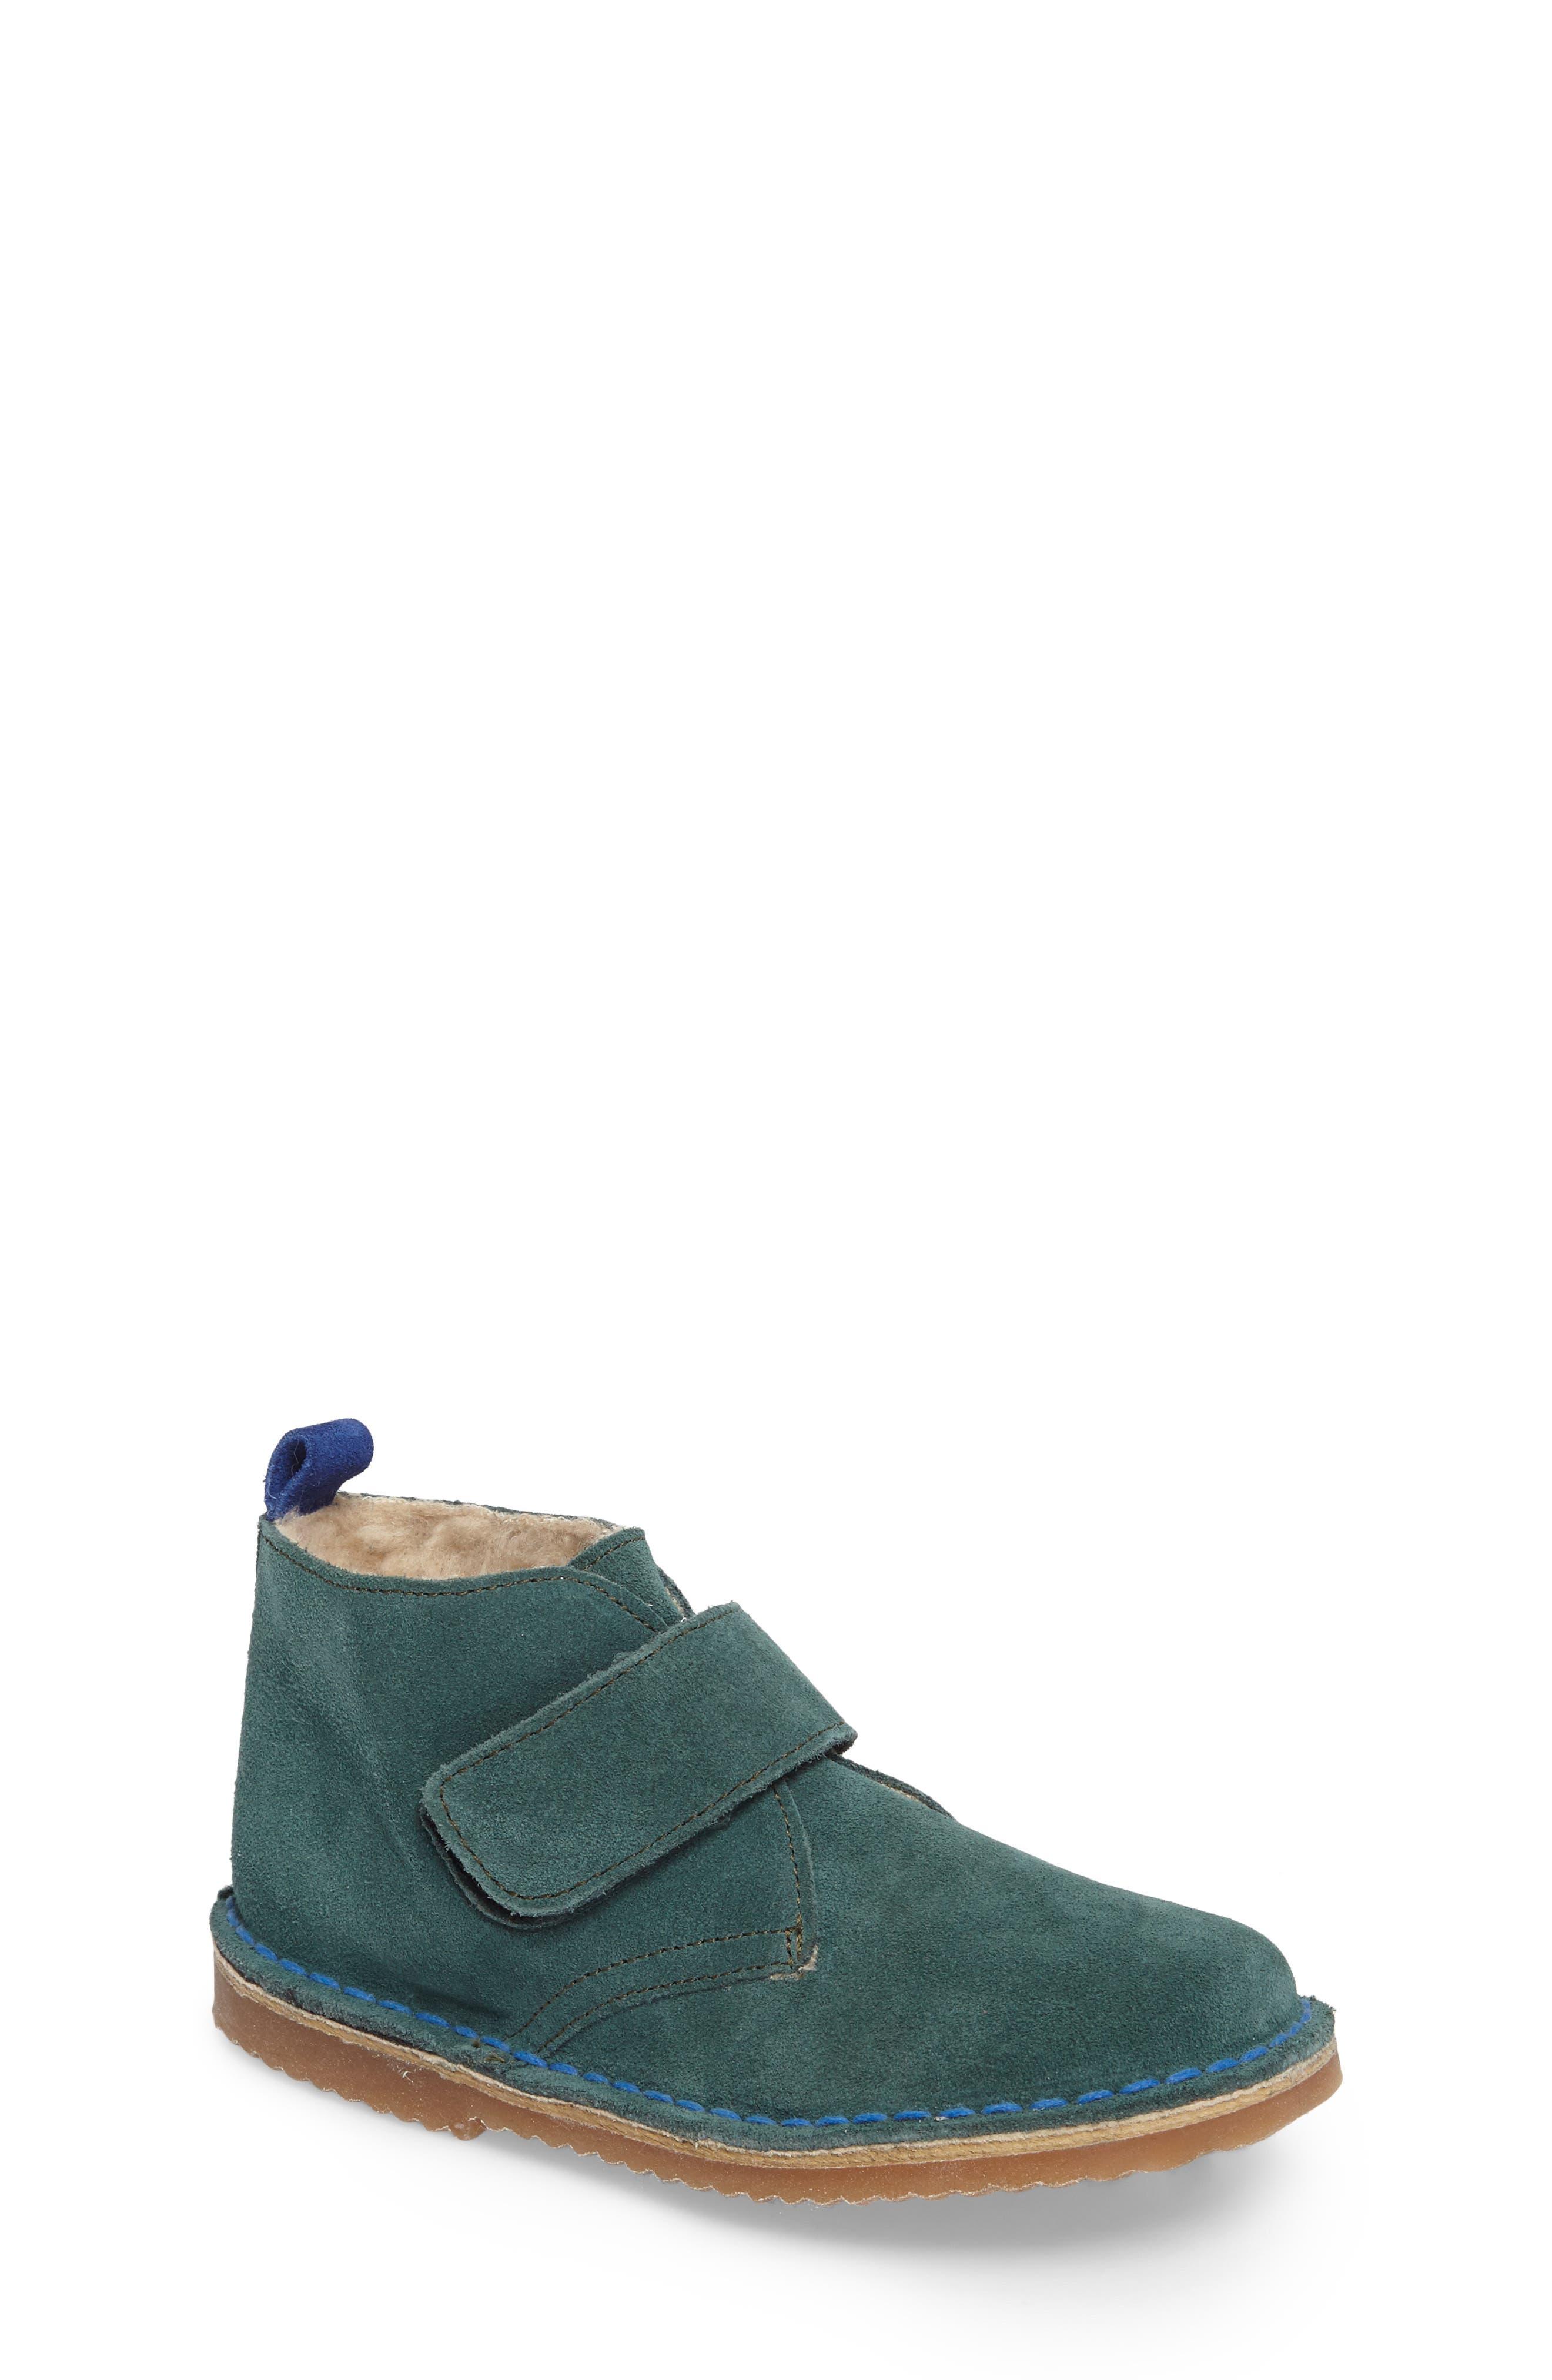 Alternate Image 1 Selected - Mini Boden Faux Fur Desert Boot (Toddler, Little Kid & Big Kid)